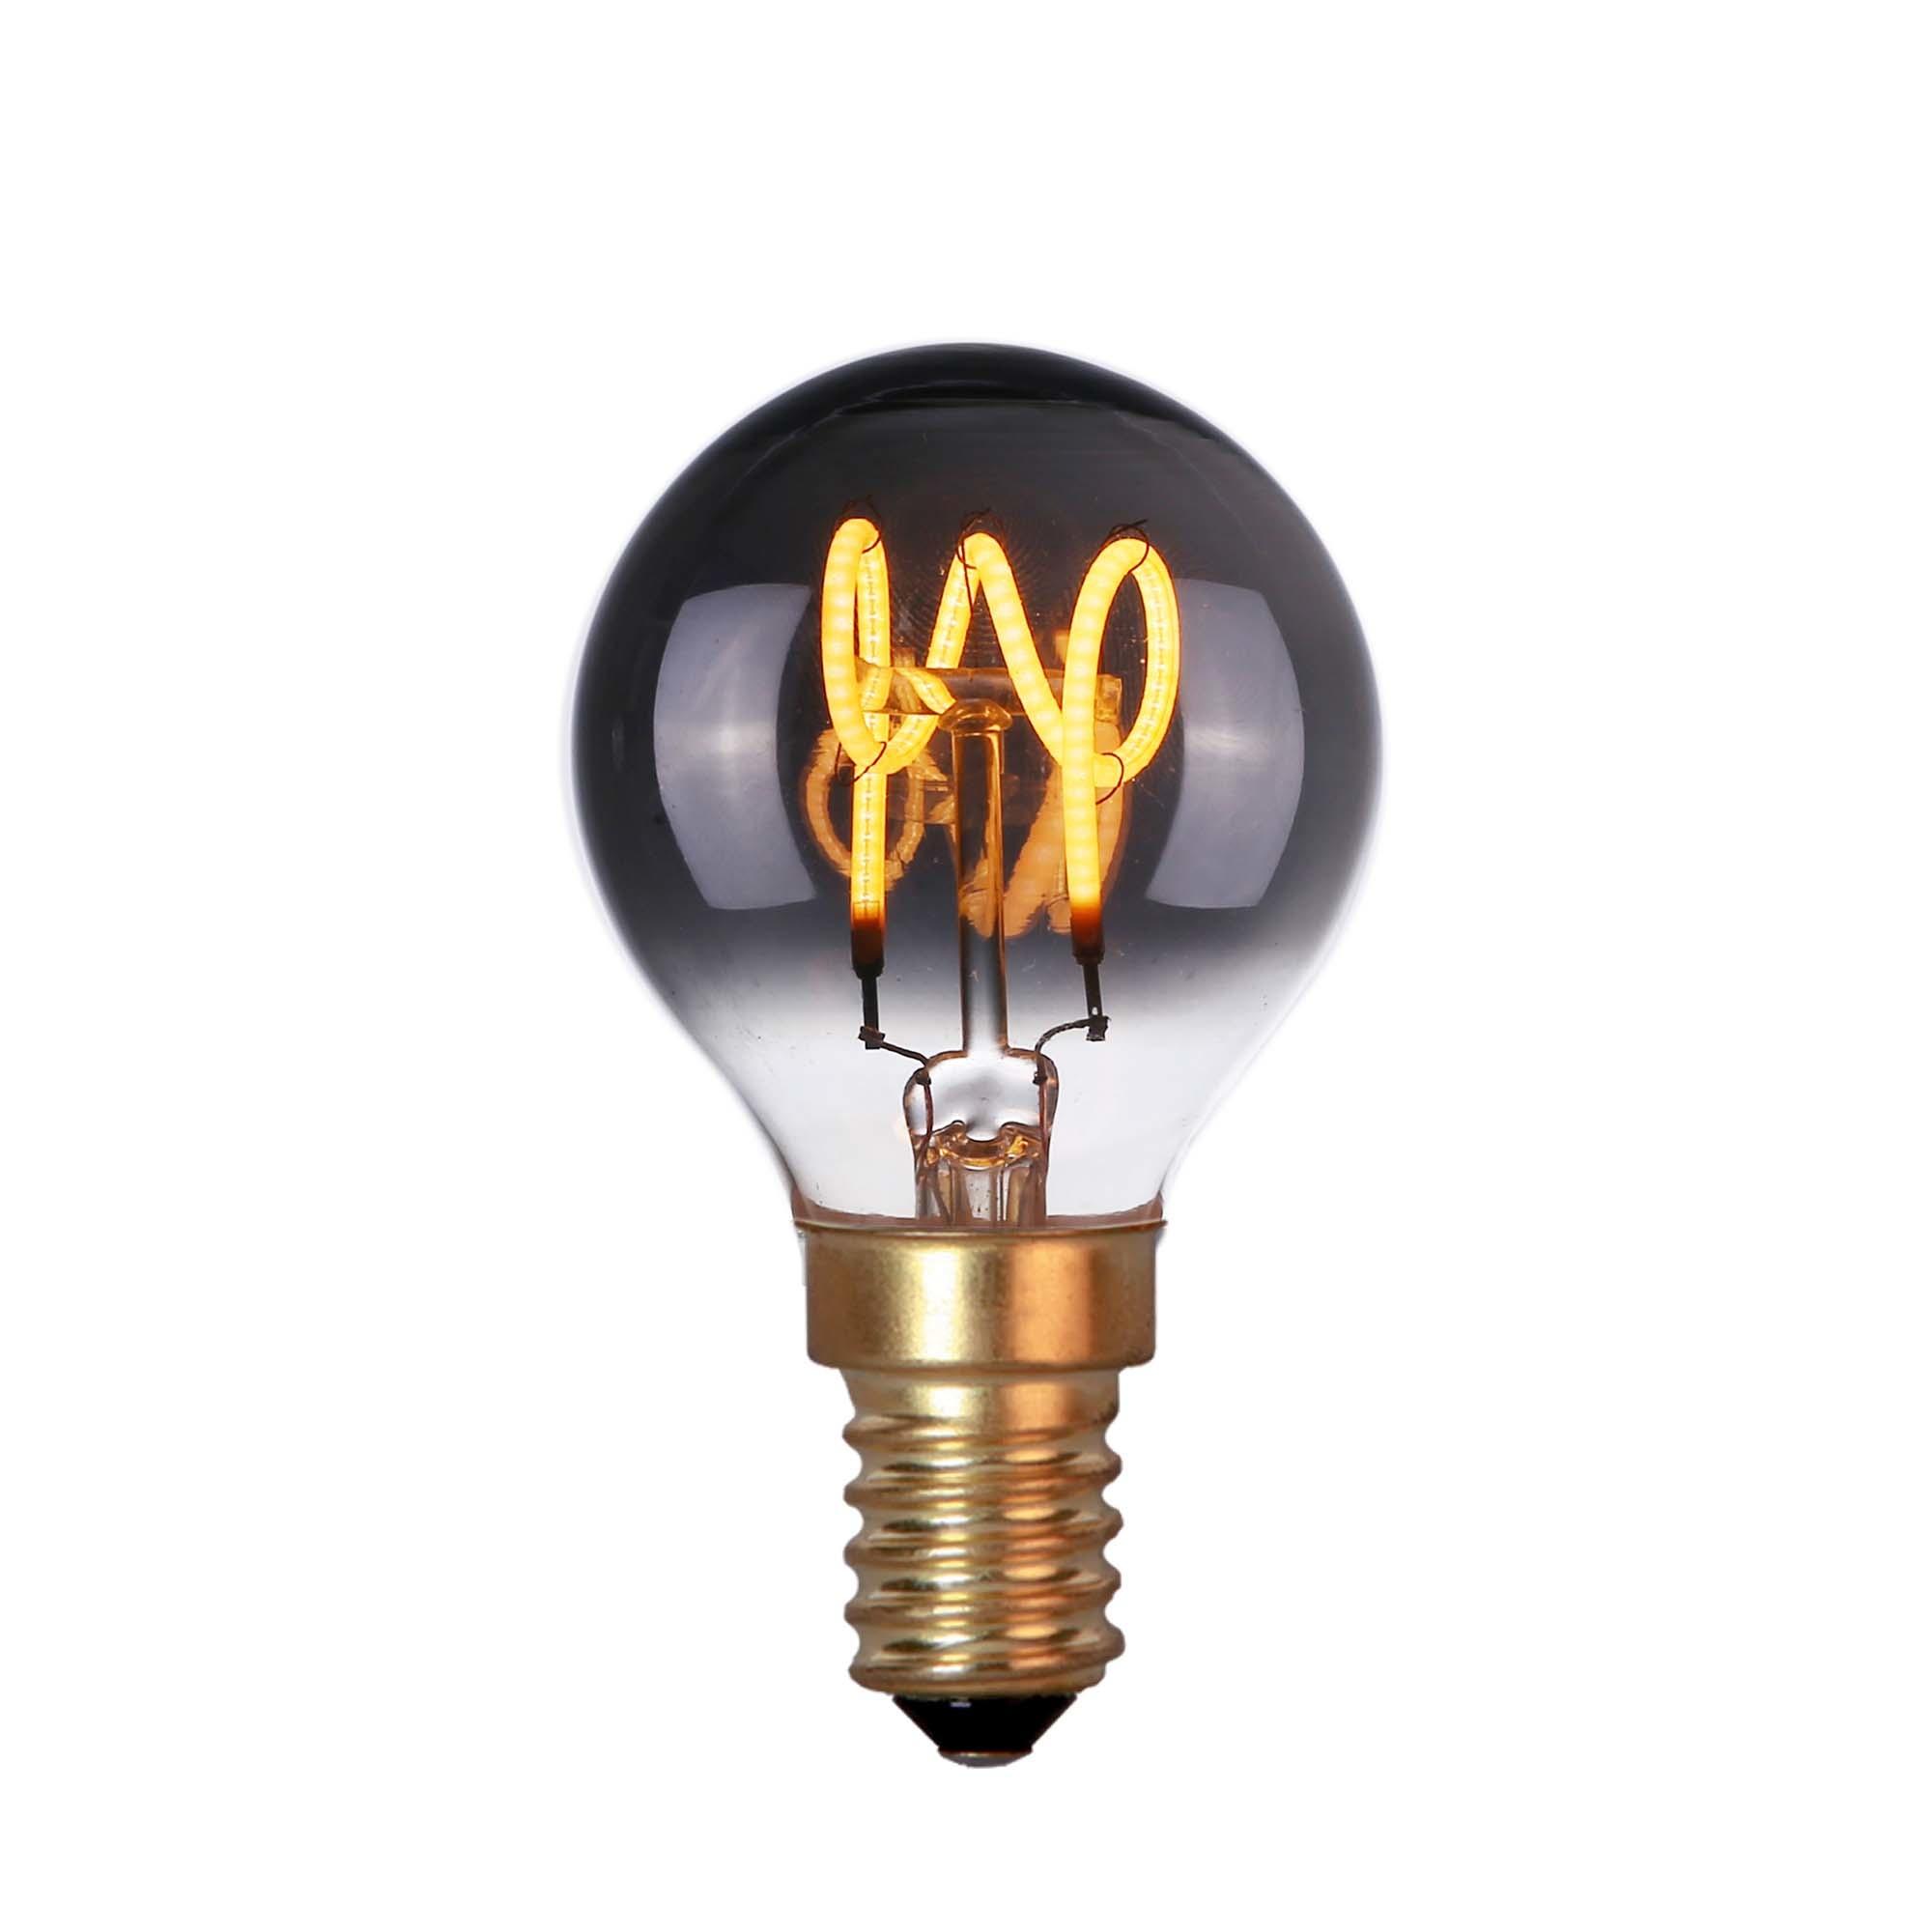 Highlight Lamp LED E14 kogel 4W 60 LM 2200K Dimbaar rook